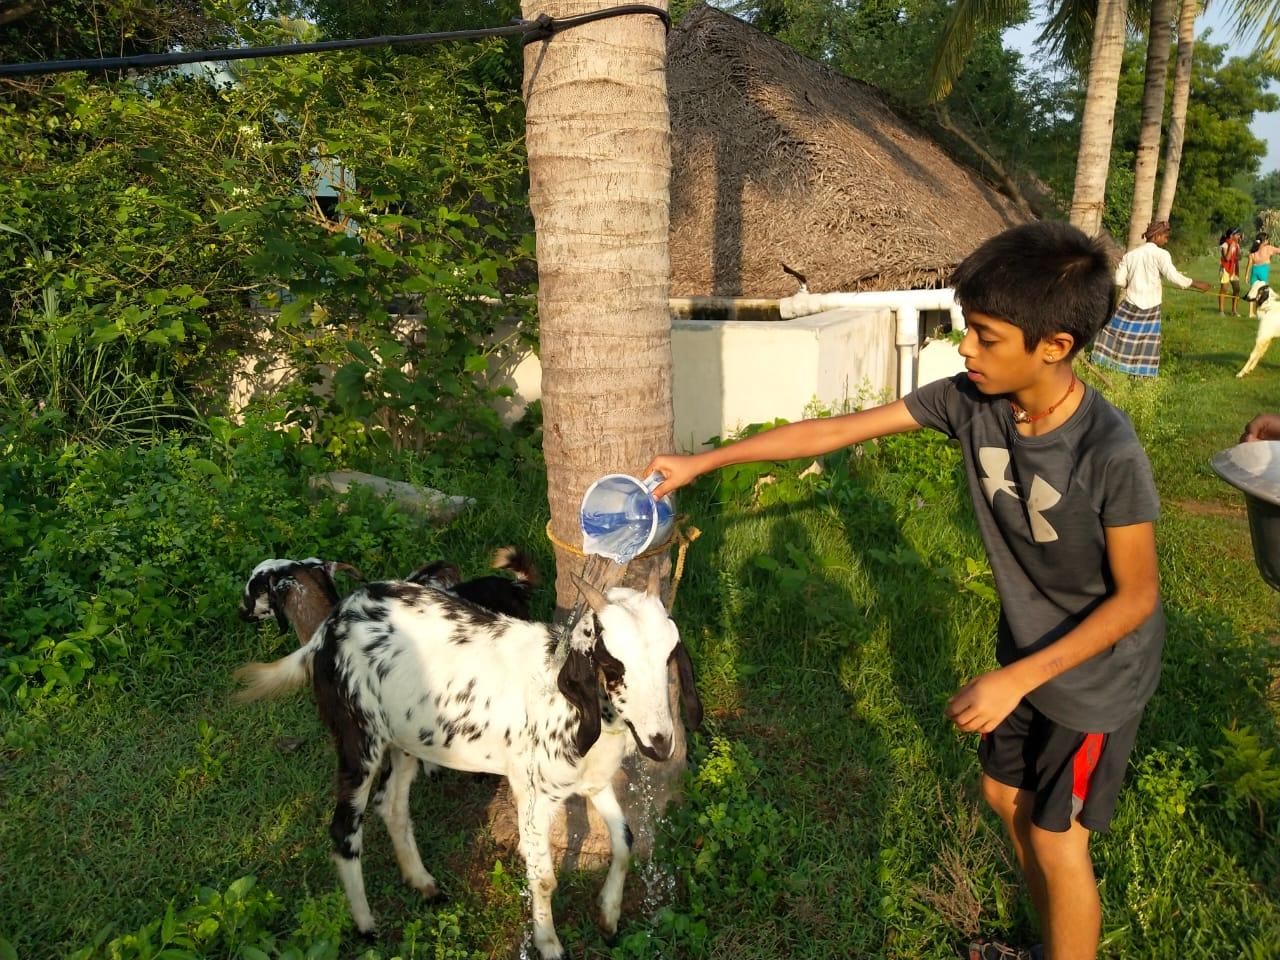 Bonding with livestock